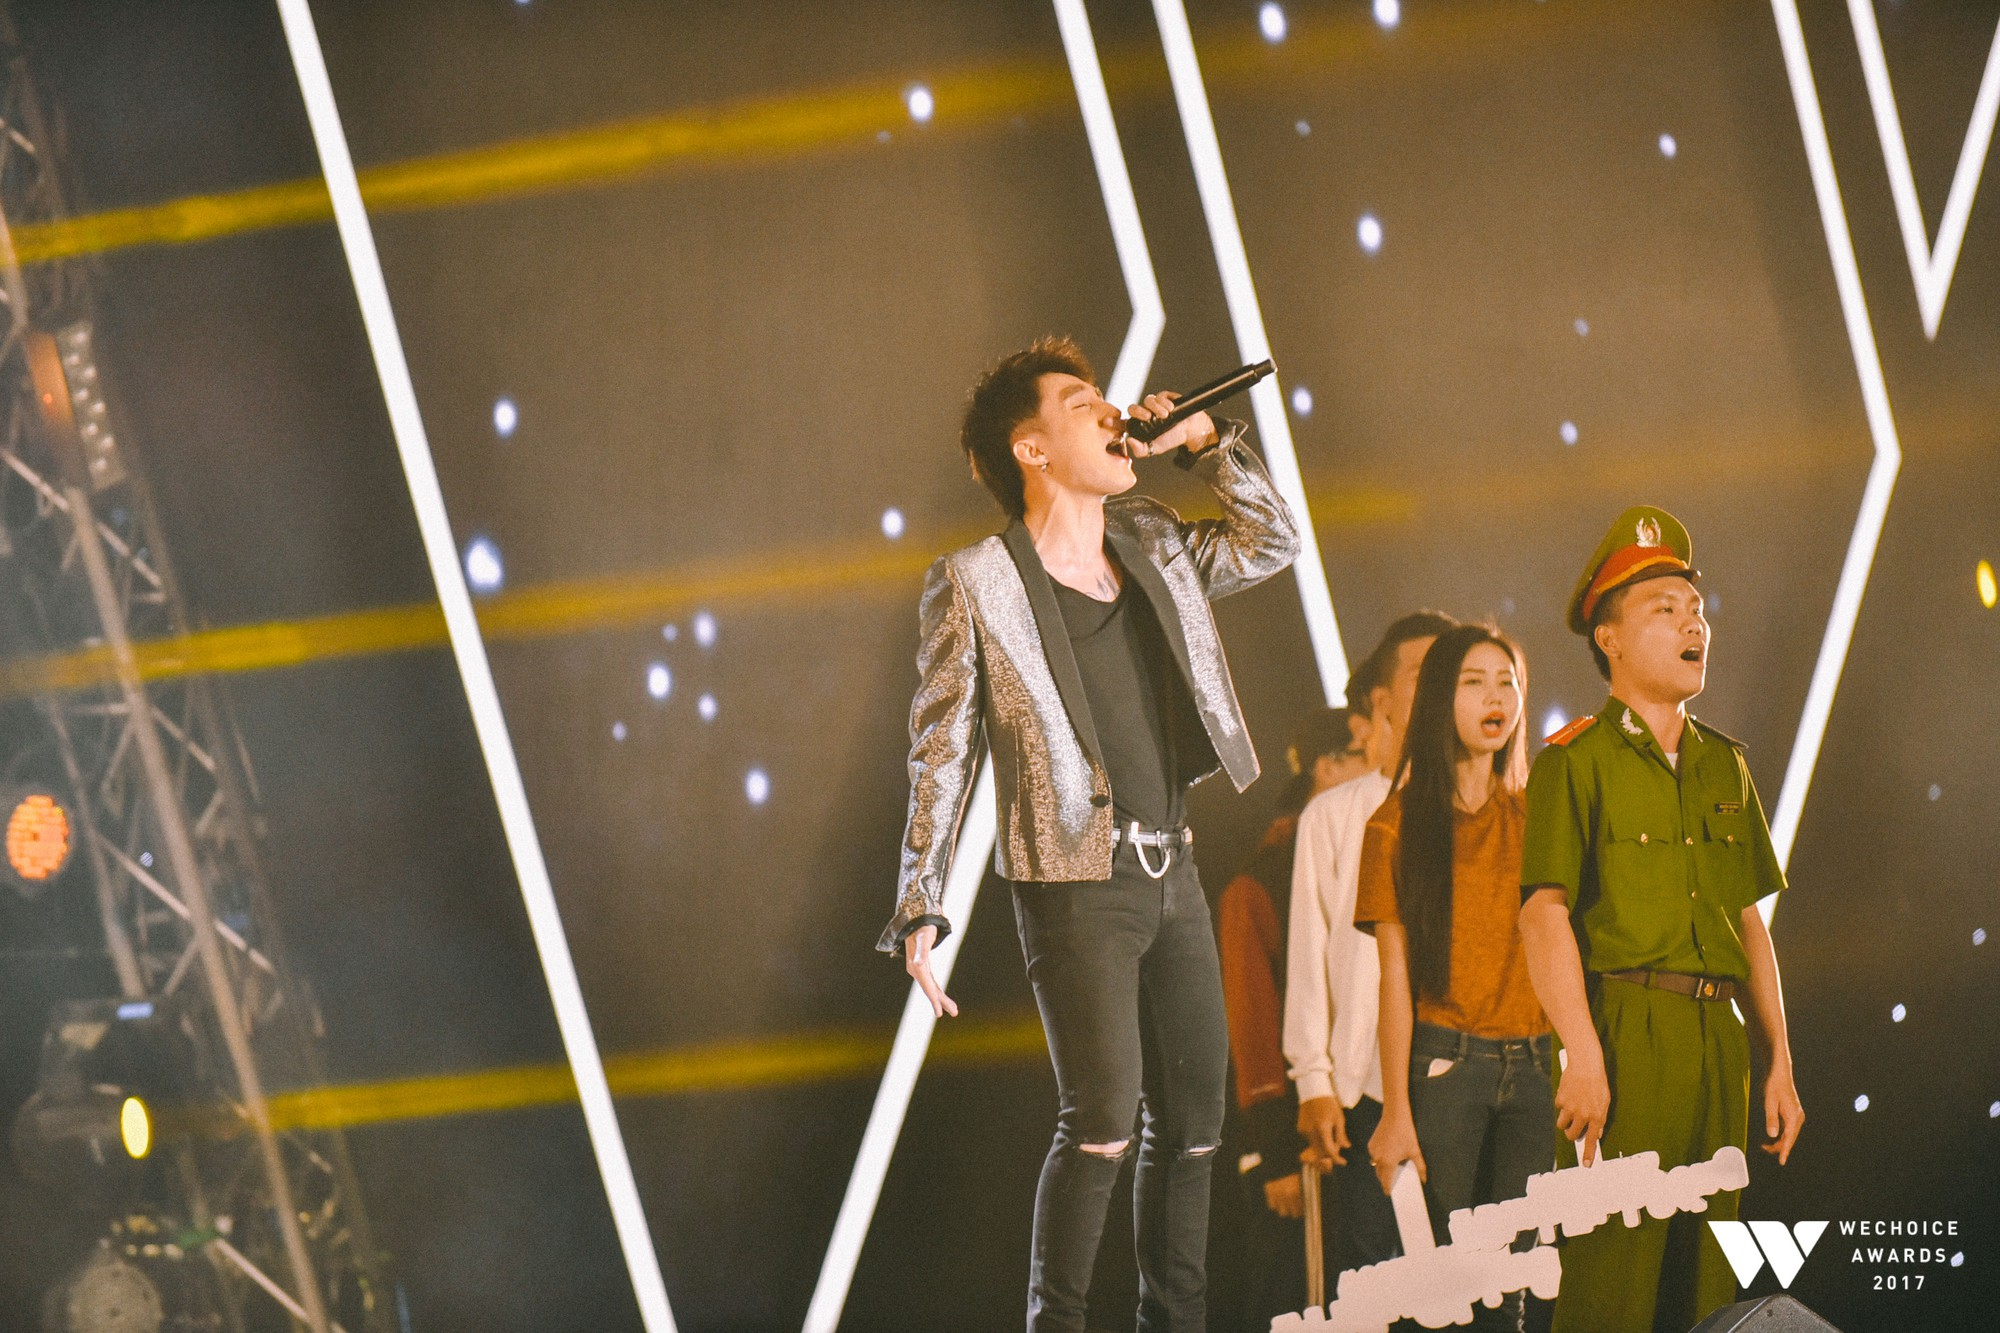 Gala WeChoice Awards 2017 và loạt khoảnh khắc chạm đến trái tim khi những niềm cảm hứng được tôn vinh! - Ảnh 13.